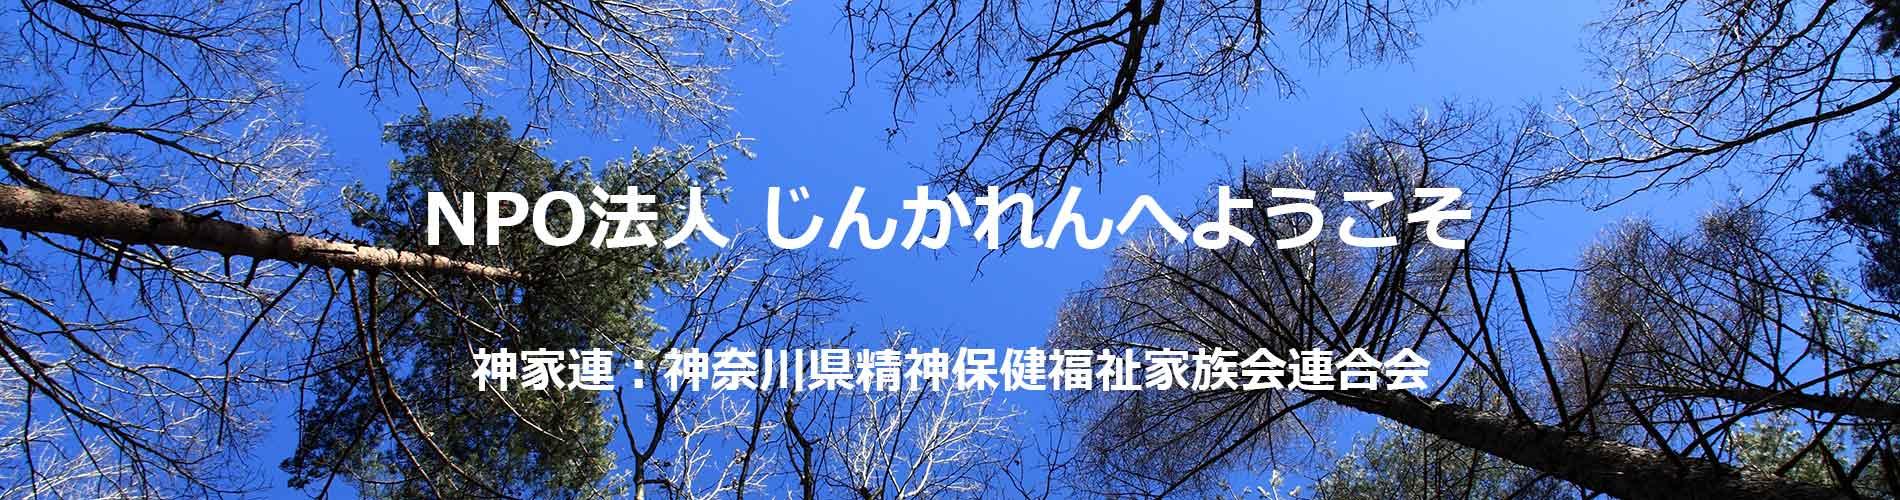 じんかれん,神家連,神奈川県精神保健福祉家族会連合会